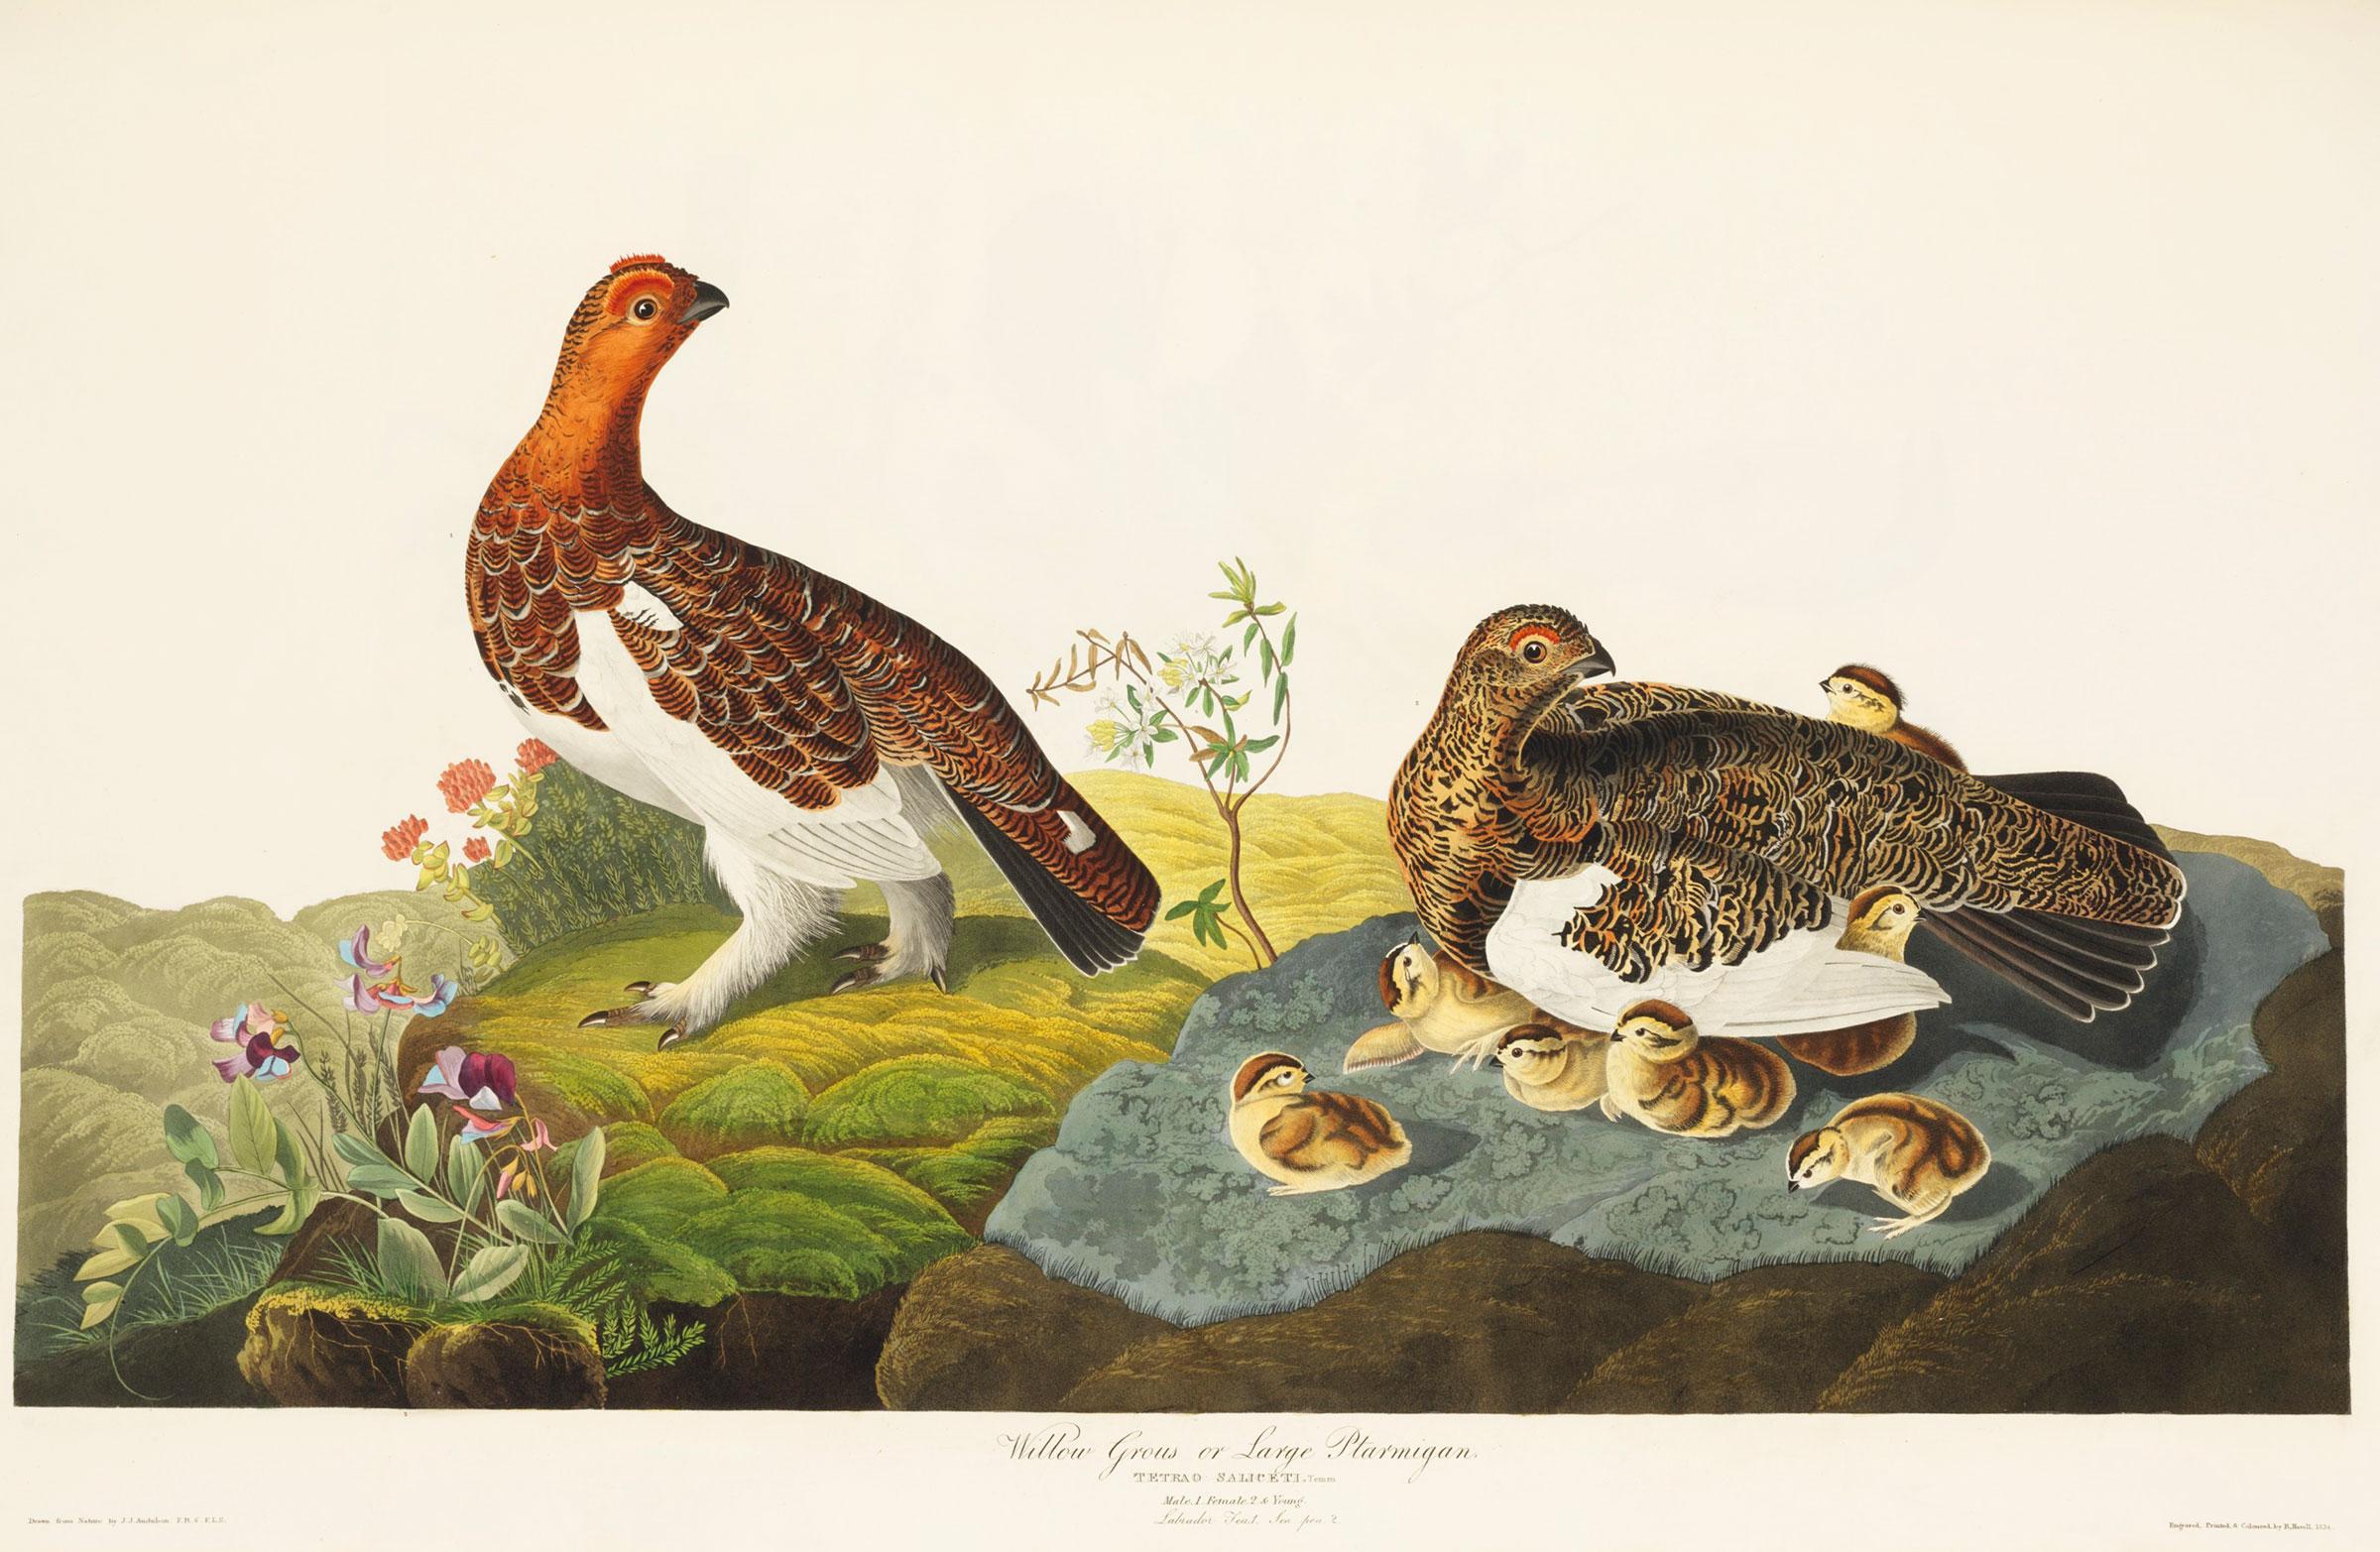 Willow Grouse or Large Ptarmigan (now Willow Ptarmigan). Illustration: John James Audubon